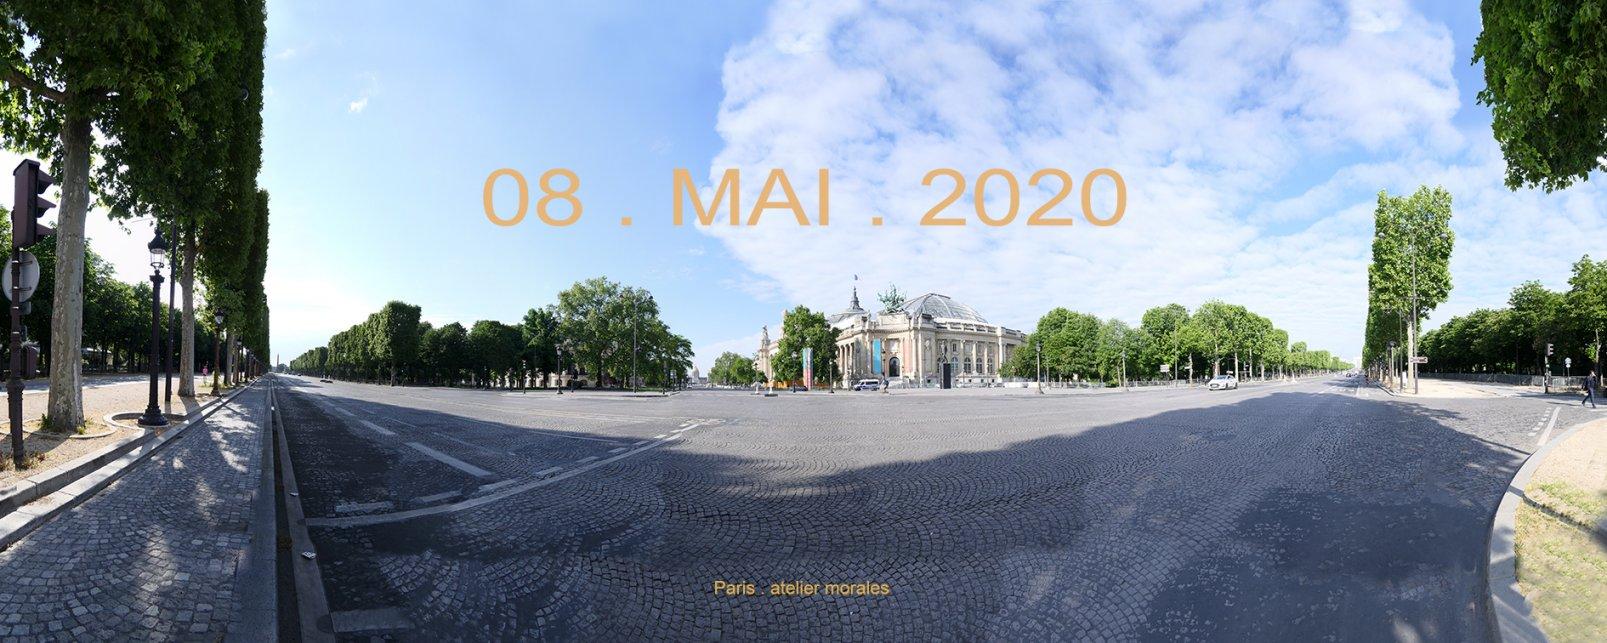 54eme jour de confinement.  08 mai 2020. Champs Elysées. Grand Palais. Paris (2020) - Teresa Ayuso & Juan Luis Morales  - Atelier Morales